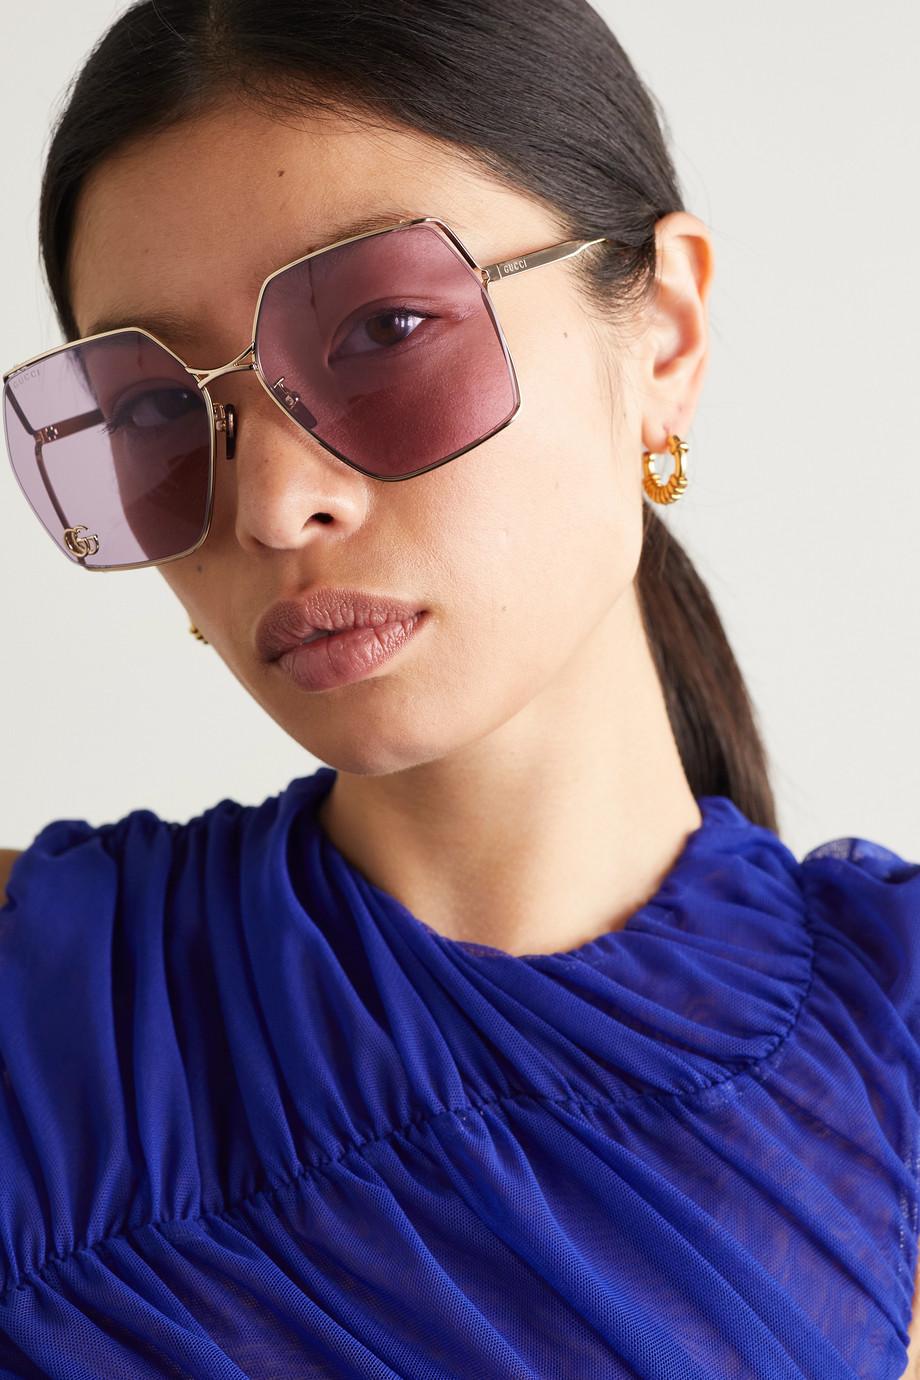 Gucci Goldfarbene Sonnenbrille mit eckigem Rahmen